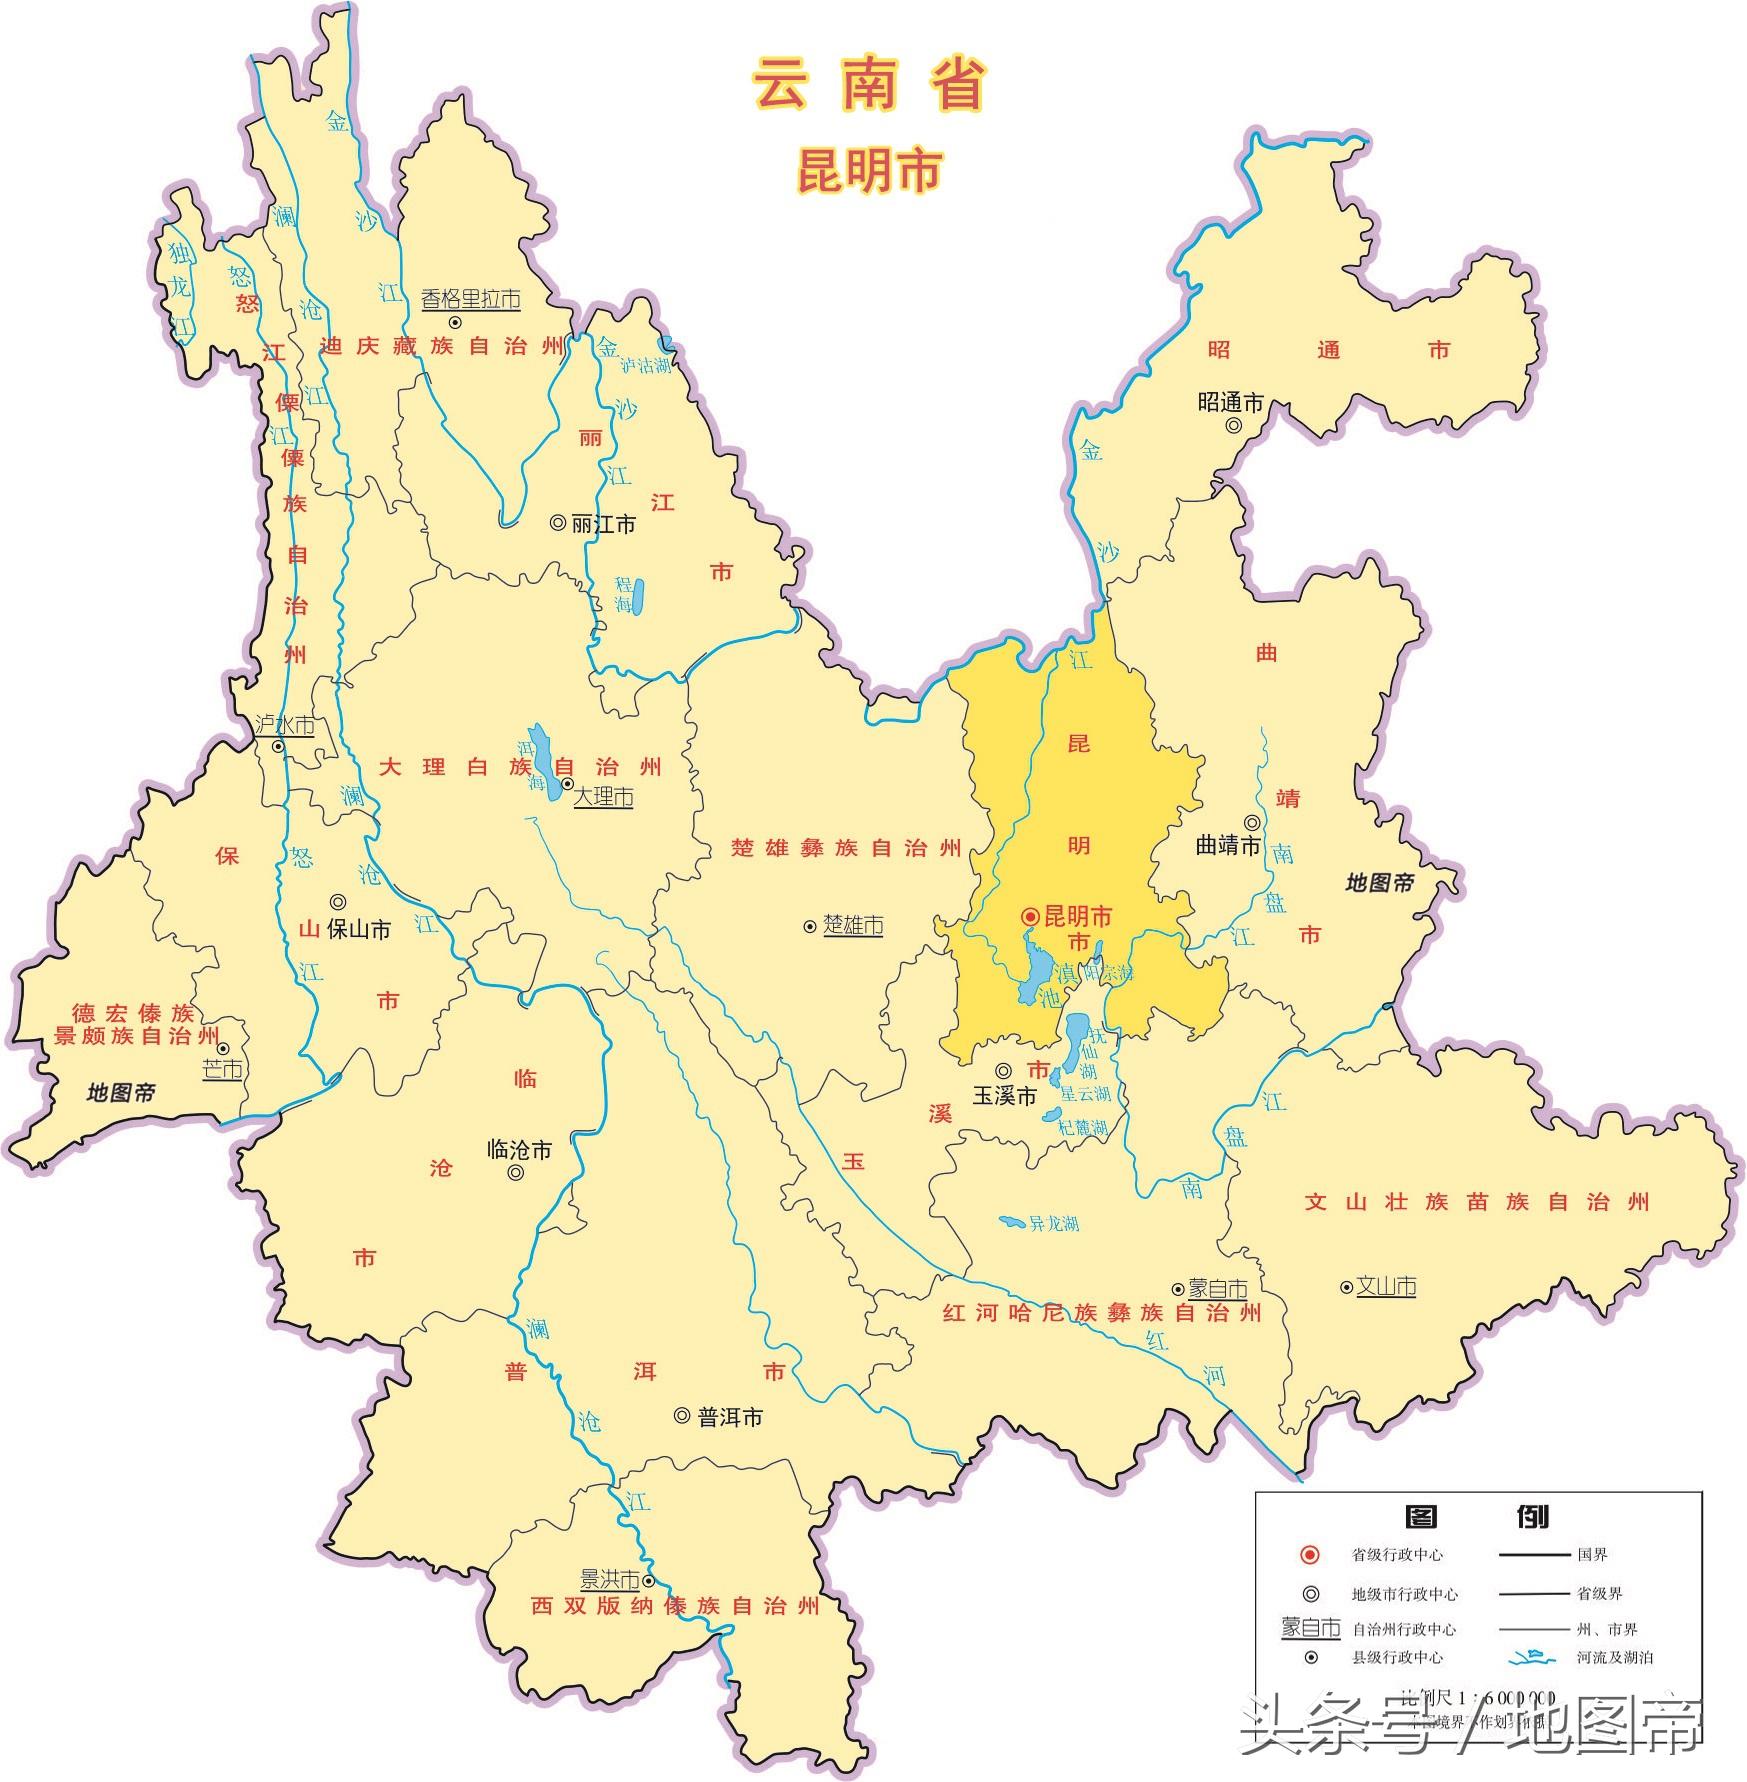 云南省地图全图_云南在中国的位置,云南各市地图